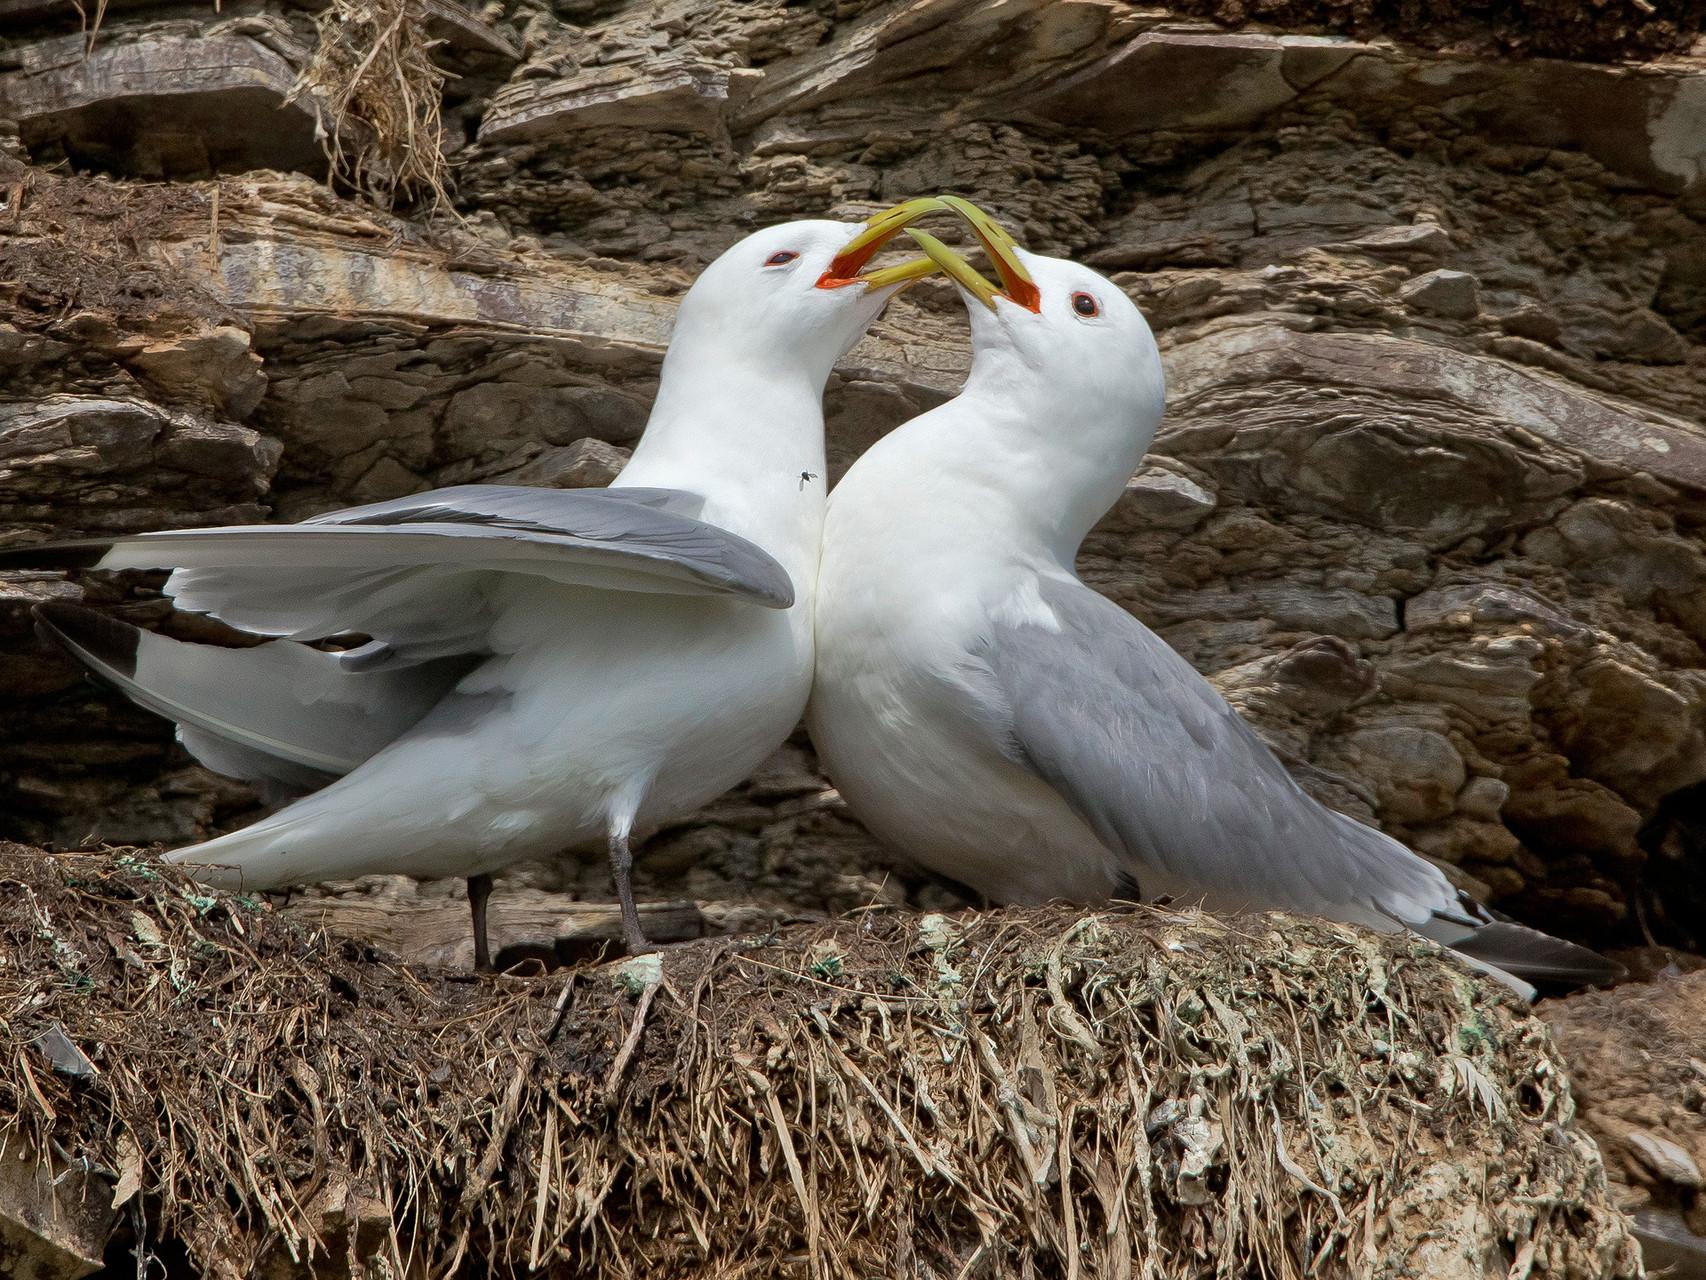 Dreizehenmöwe: Begrüssung nach der Rückkehr des Partners